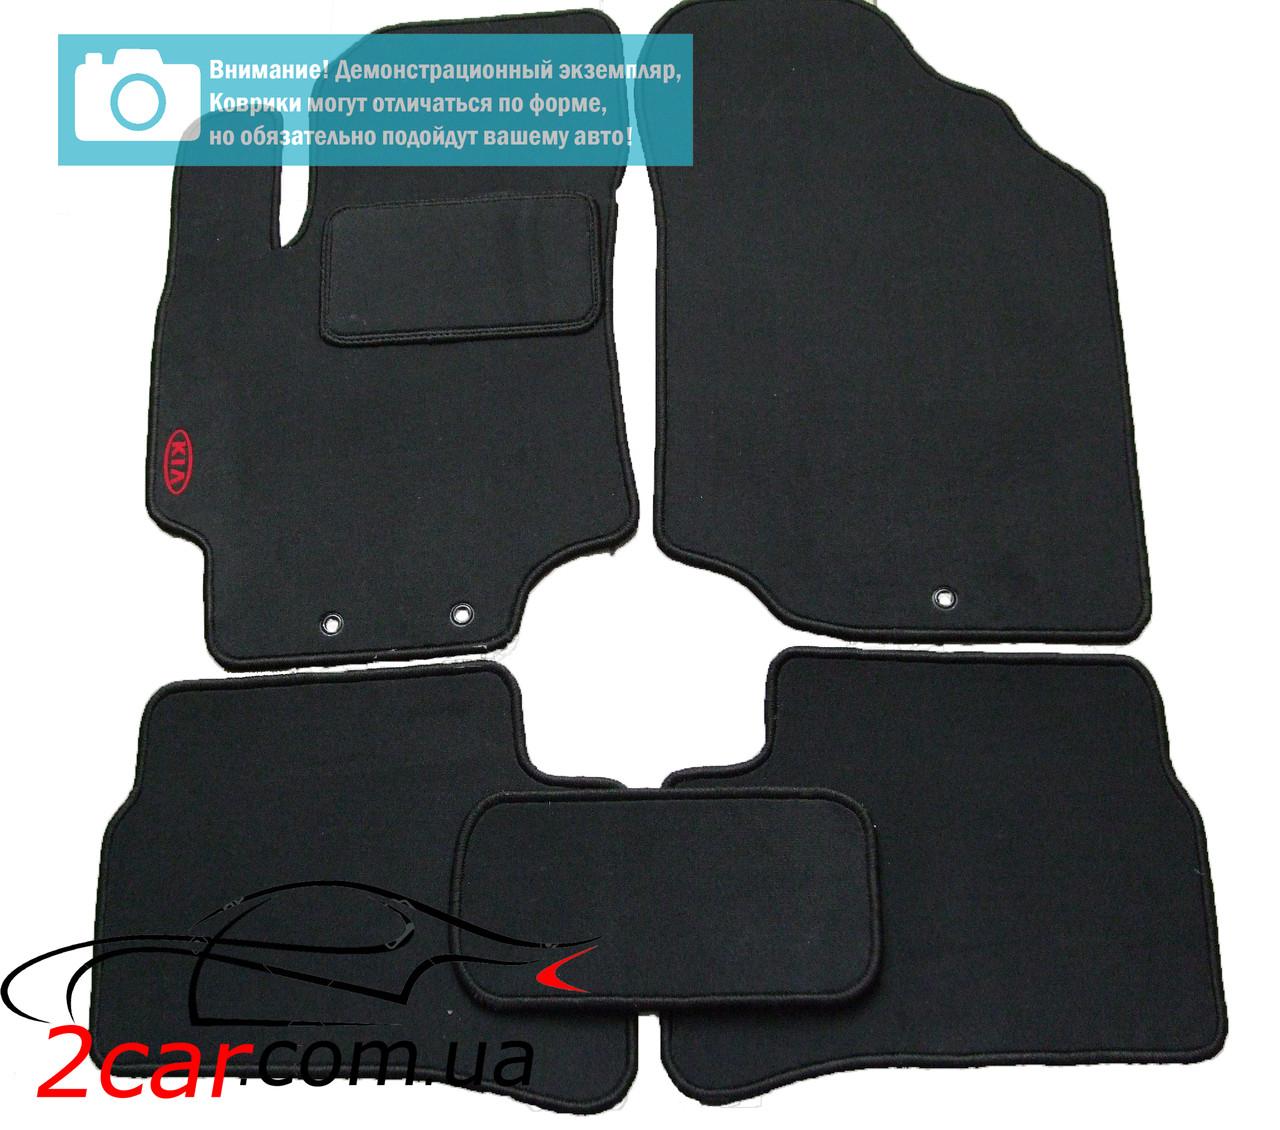 Текстильные коврики в салон для Mazda Xedos 6 (1991-1999) (чёрный) (St